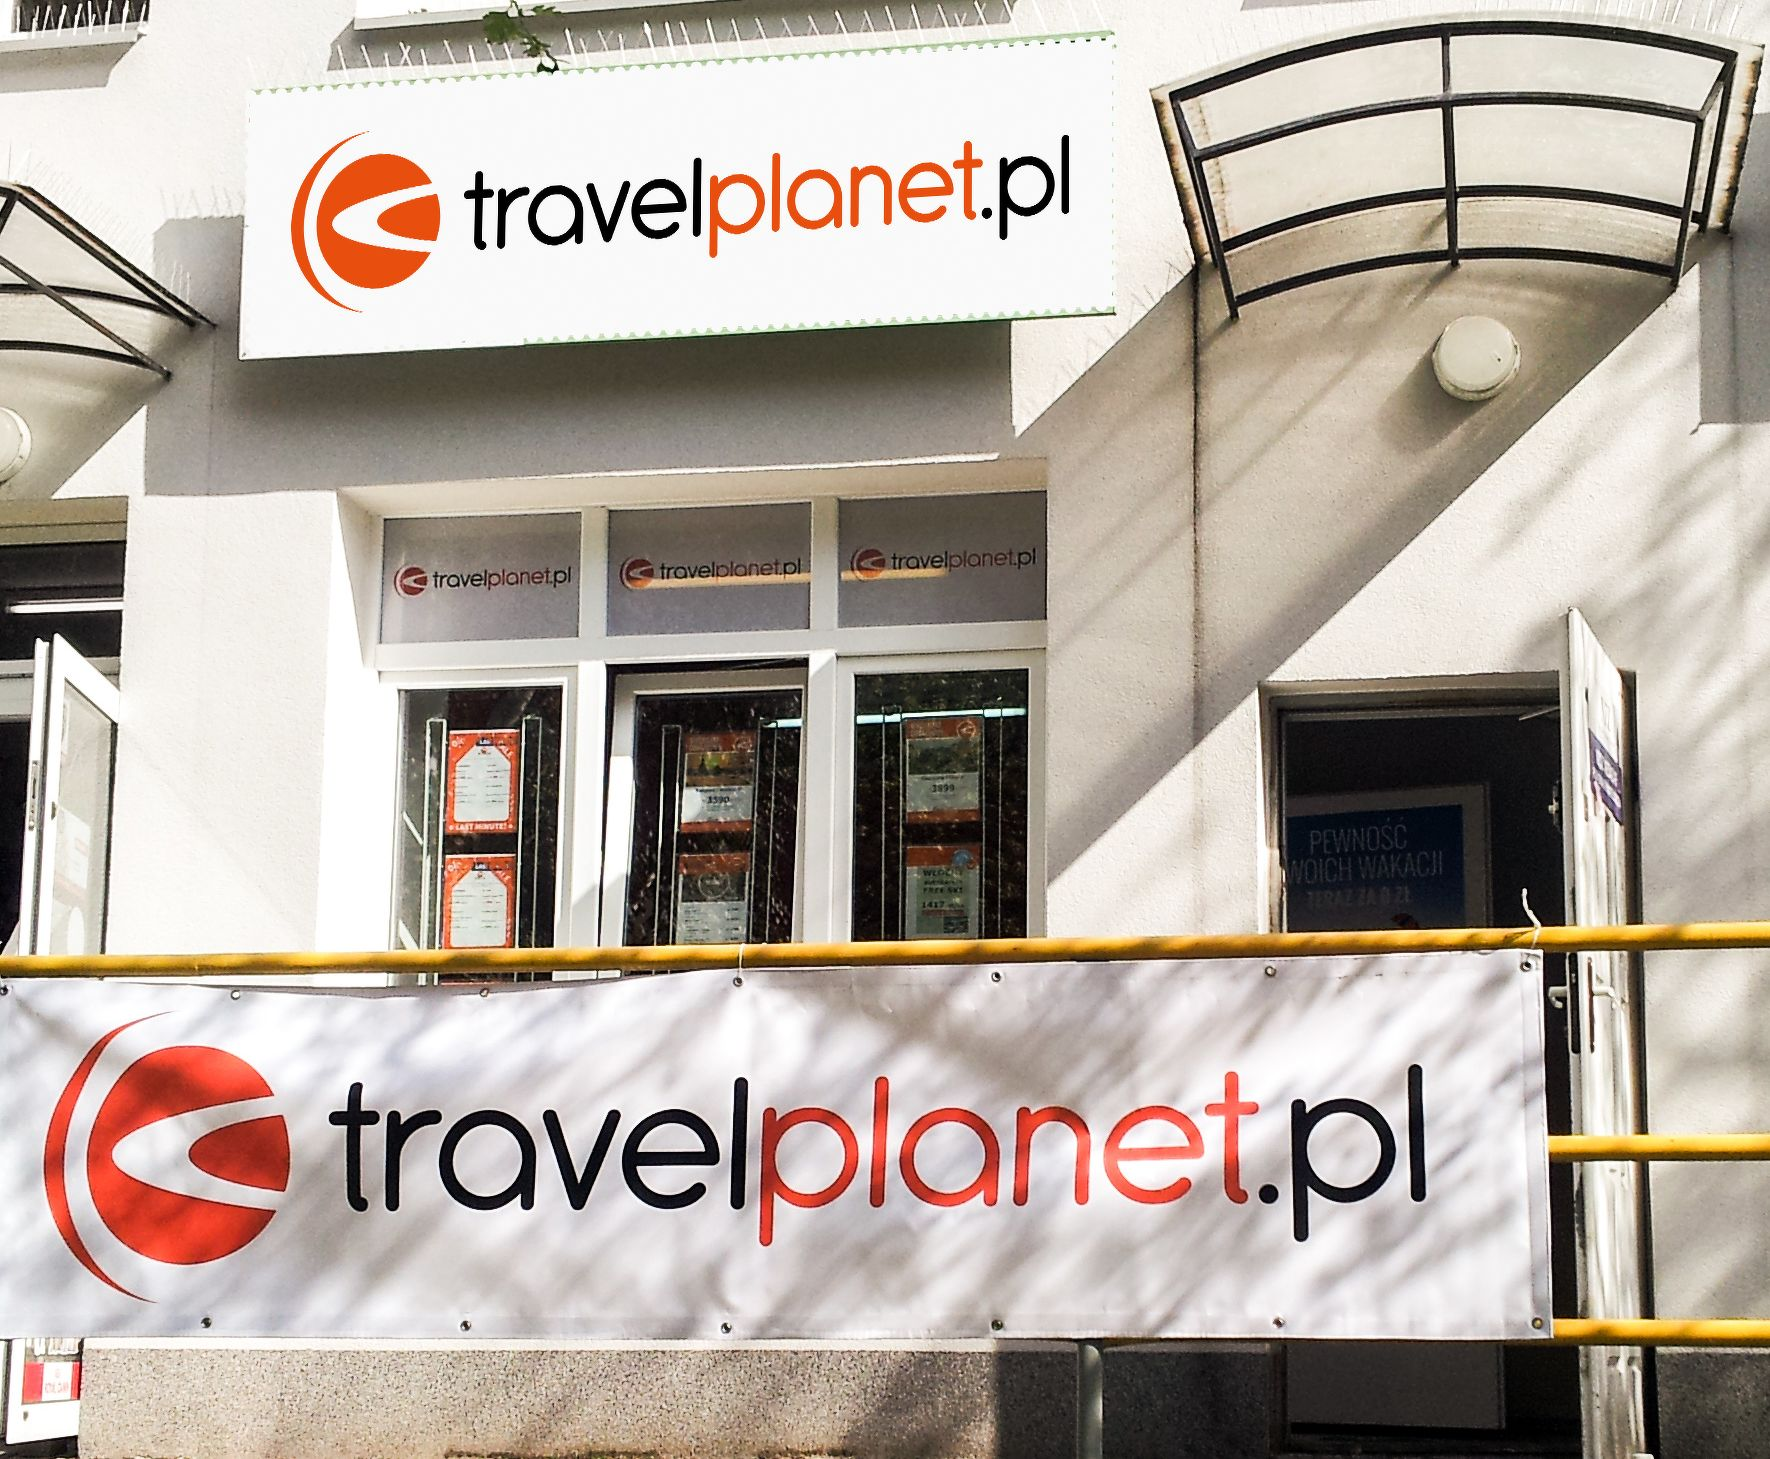 TravelPlanet Białystok Warszawska